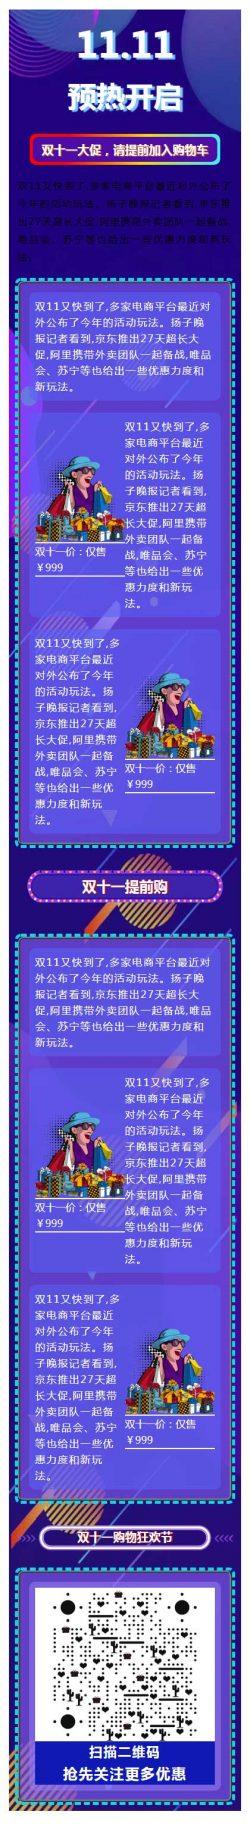 双11京东电商平台淘宝活动促销模板